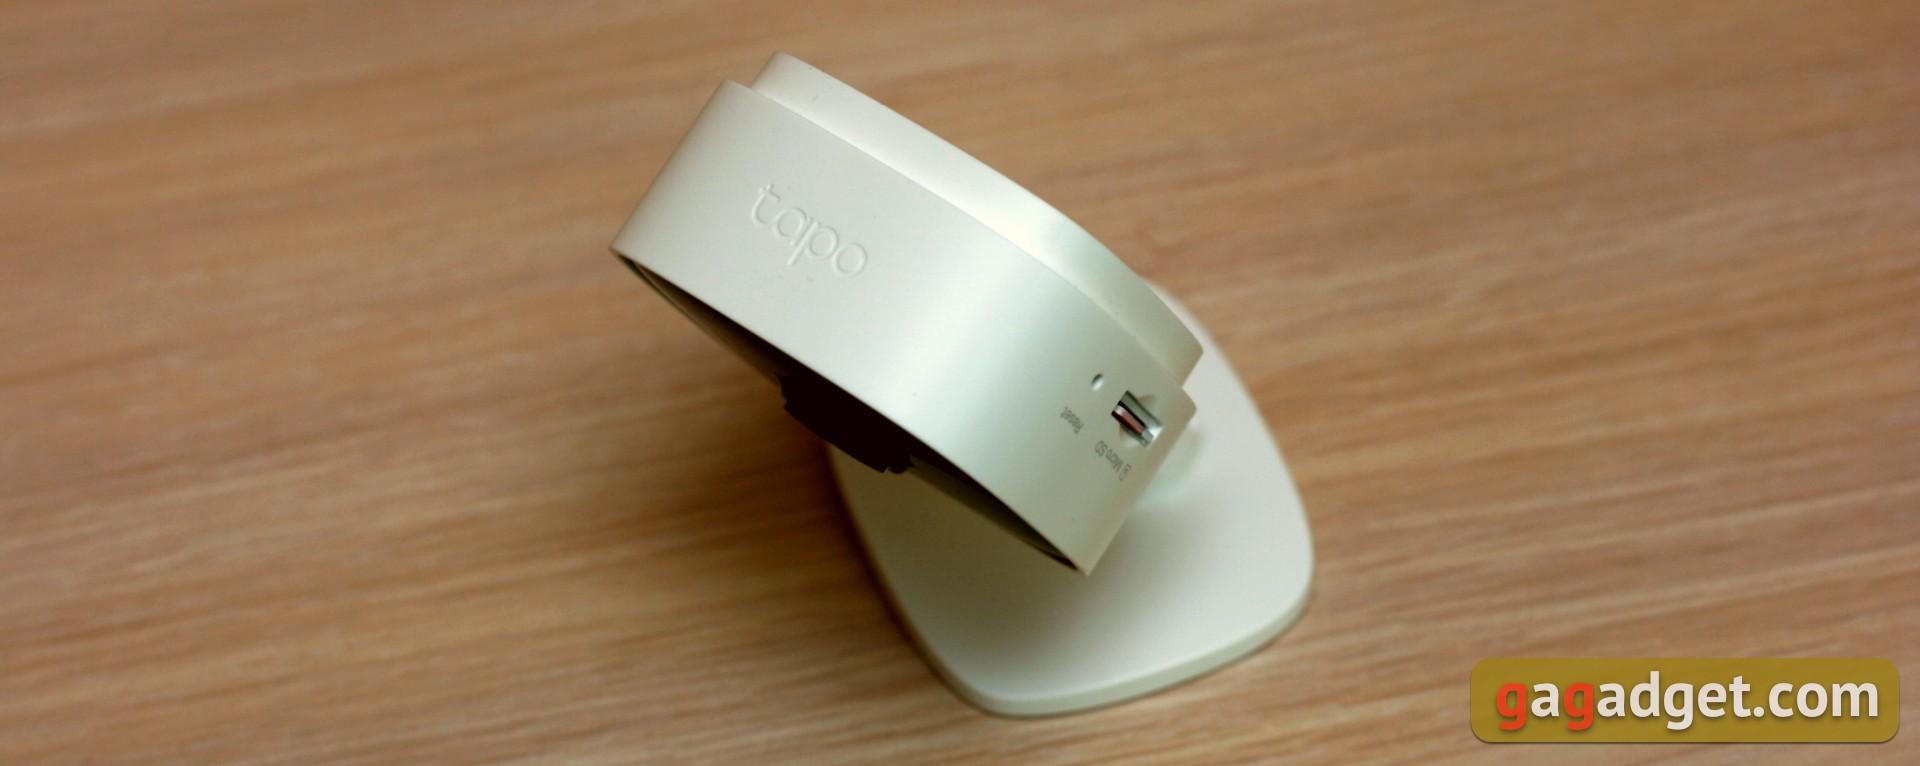 Обзор TP-Link Tapo C100: Wi-Fi-камера для видеонаблюдения за домом-17